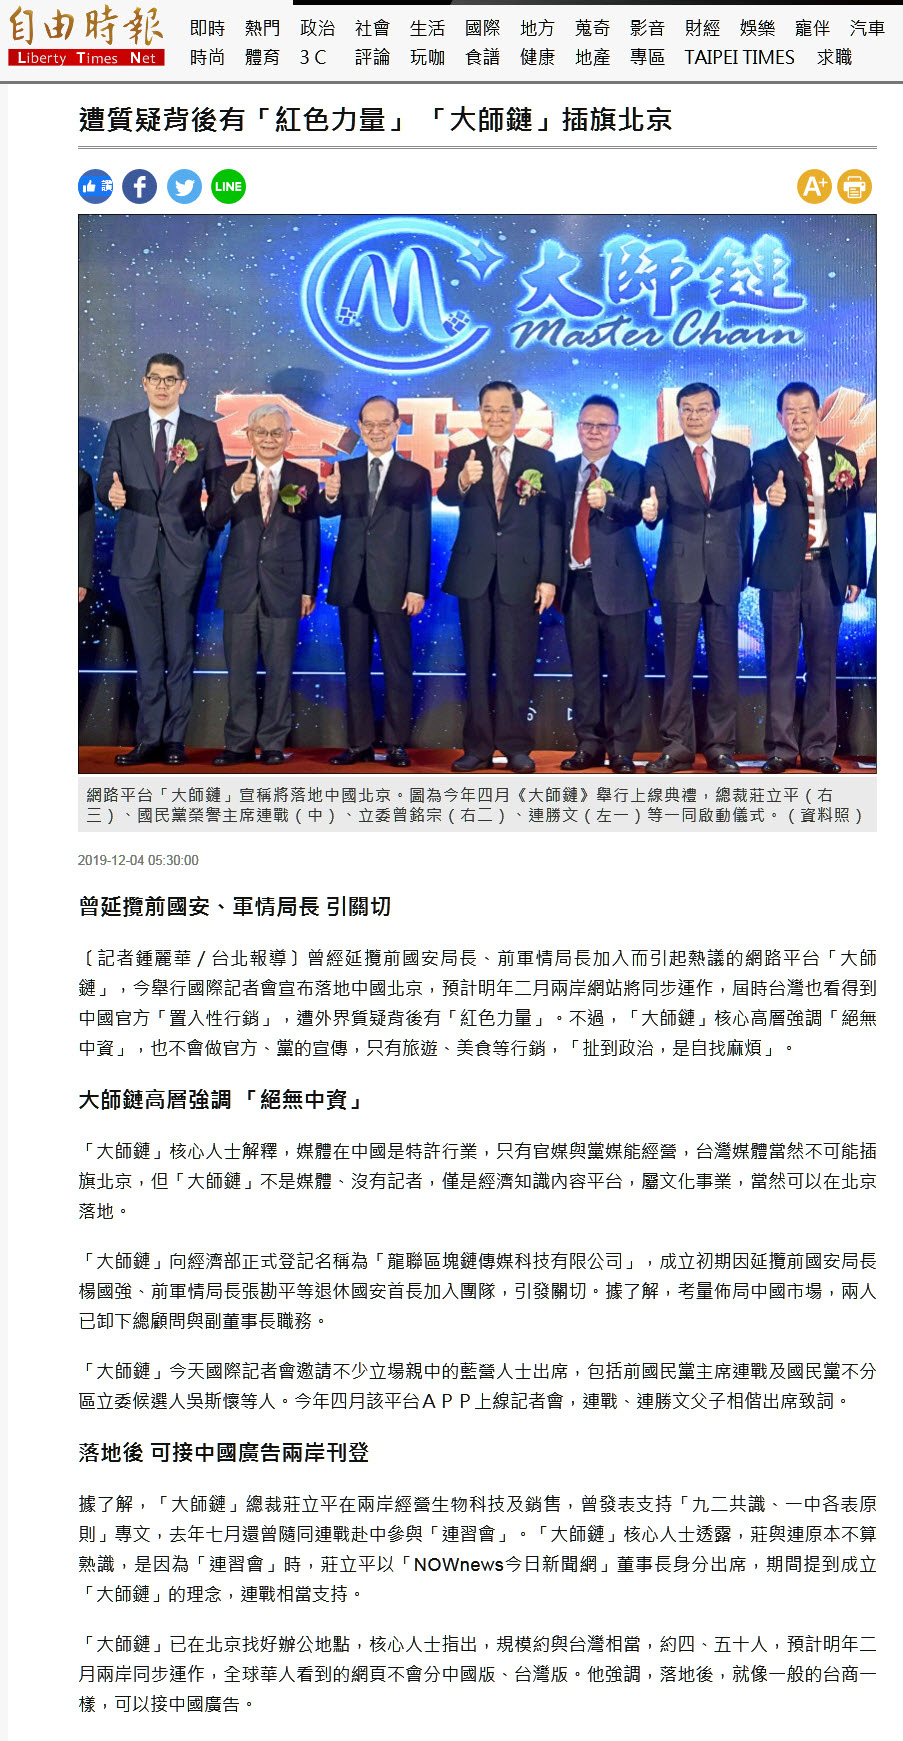 遭質疑背後有「紅色力量」 「大師鏈」插旗北京-2019.12.04.jpg